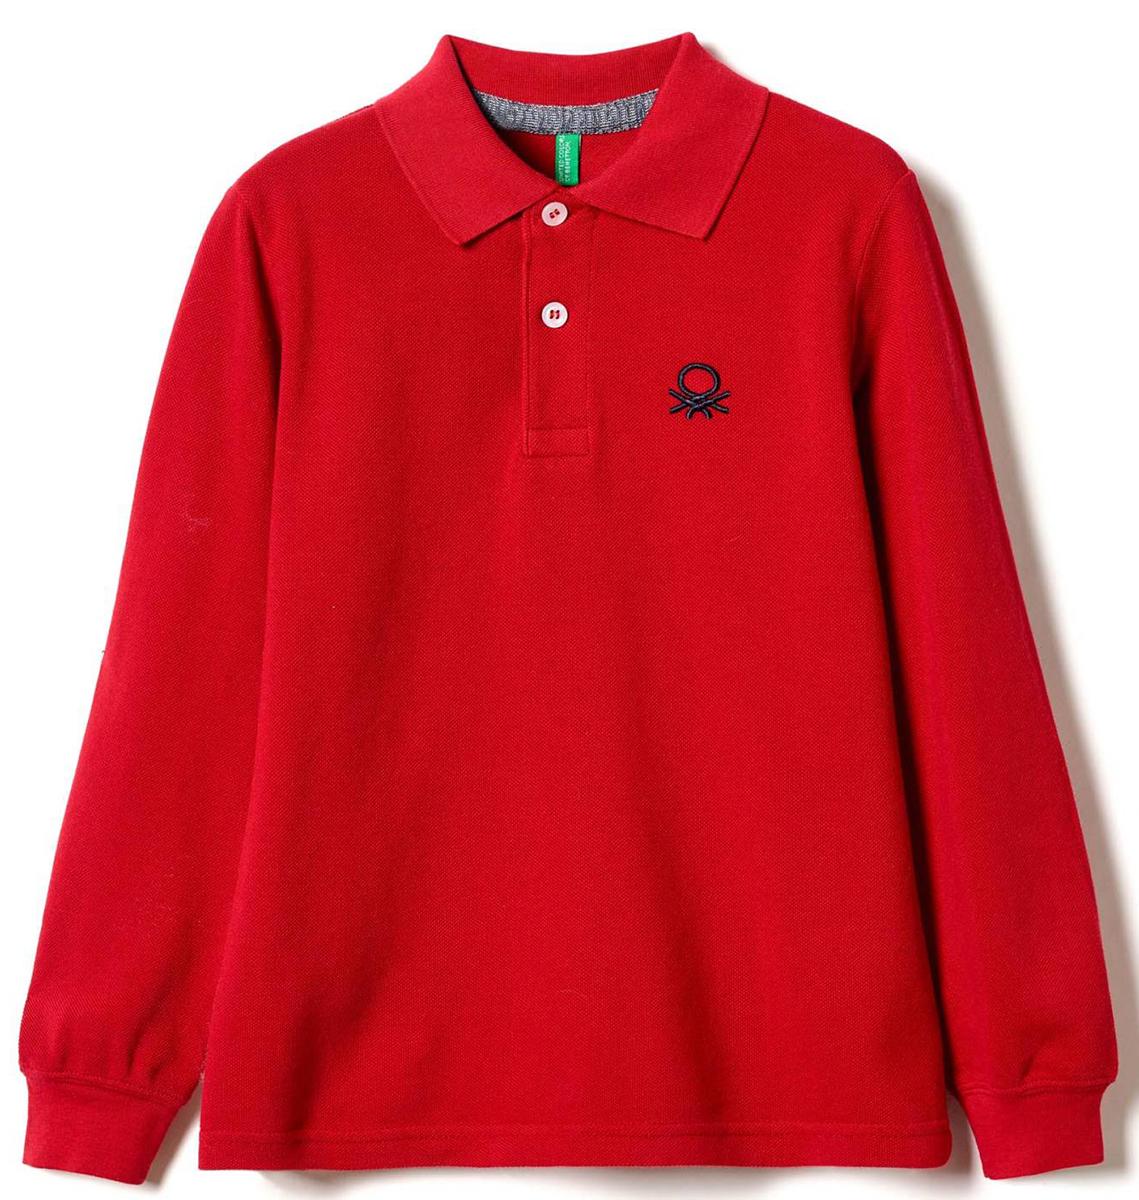 Поло для мальчиков United Colors of Benetton, цвет: красный. 3089C3302_07C. Размер 1503089C3302_07C